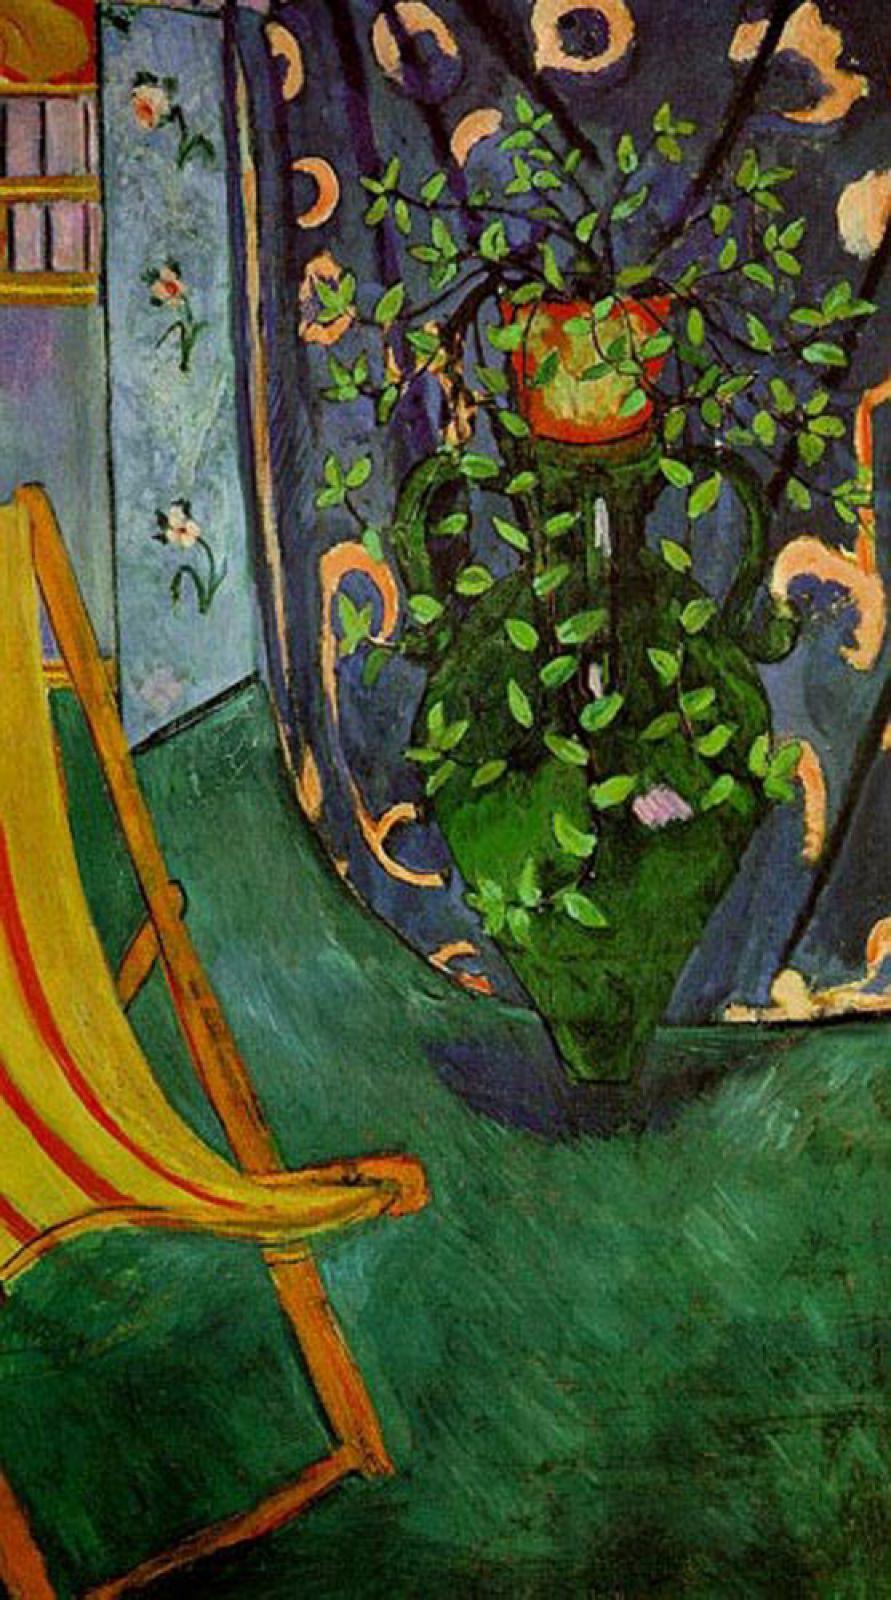 В Марокко он увлекся восточными декоративными узорами и орнаментами, в Мюнхене испытал сильные чувства на выставке произведений исламского искусства, в России был потрясен иконами, на Таити восхищался цветочными композициями. Однако всякий раз, подчиняясь на время новому сильному впечатлению, Матисс впитывал его, как губка, а затем творчески перерабатывал в соответствии с собственным мироощущением.